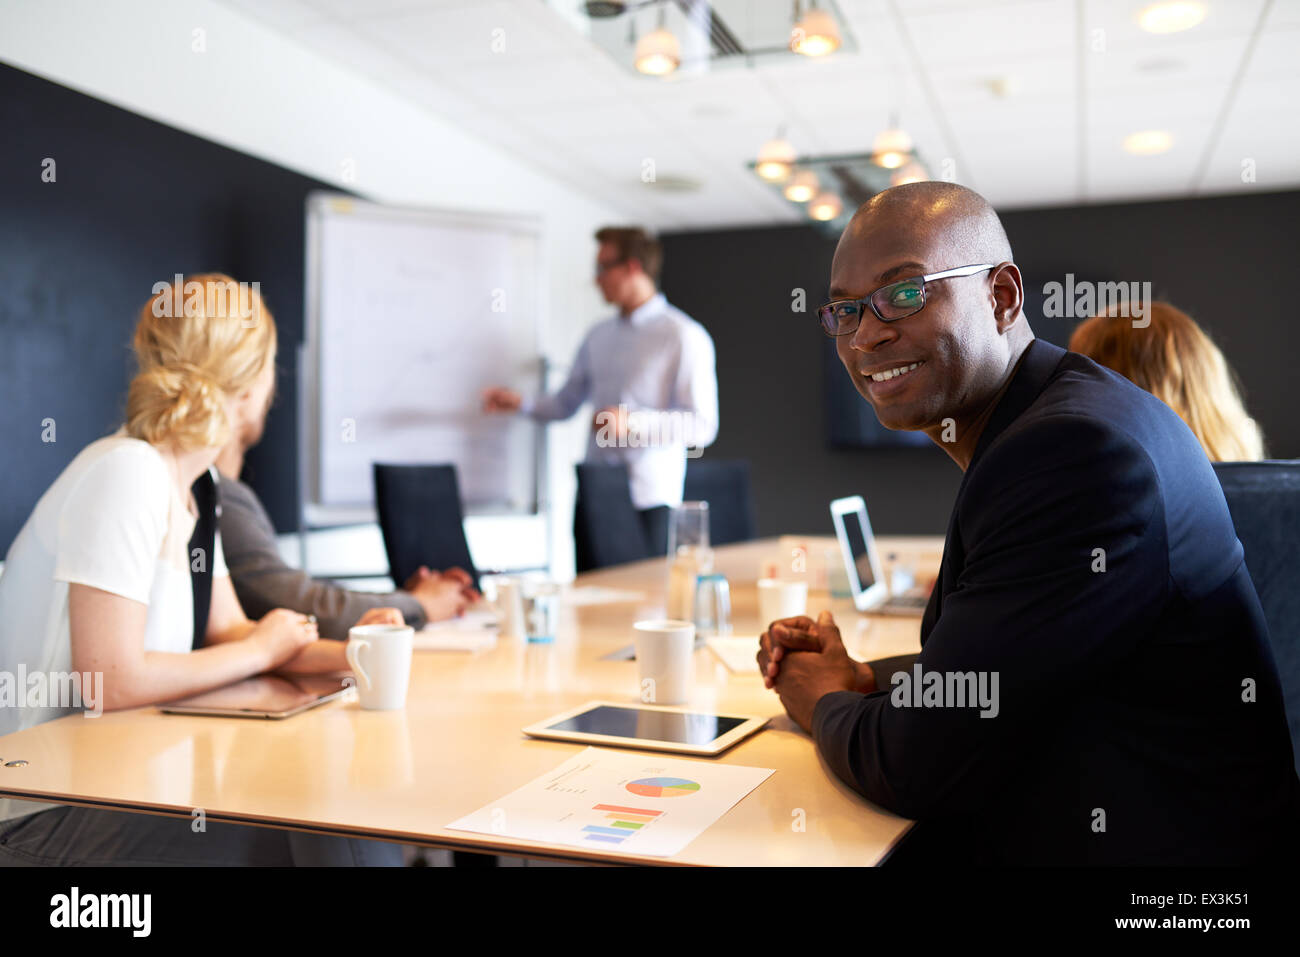 Maschio nero executive sorridente alla fotocamera durante una presentazione di lavoro Immagini Stock